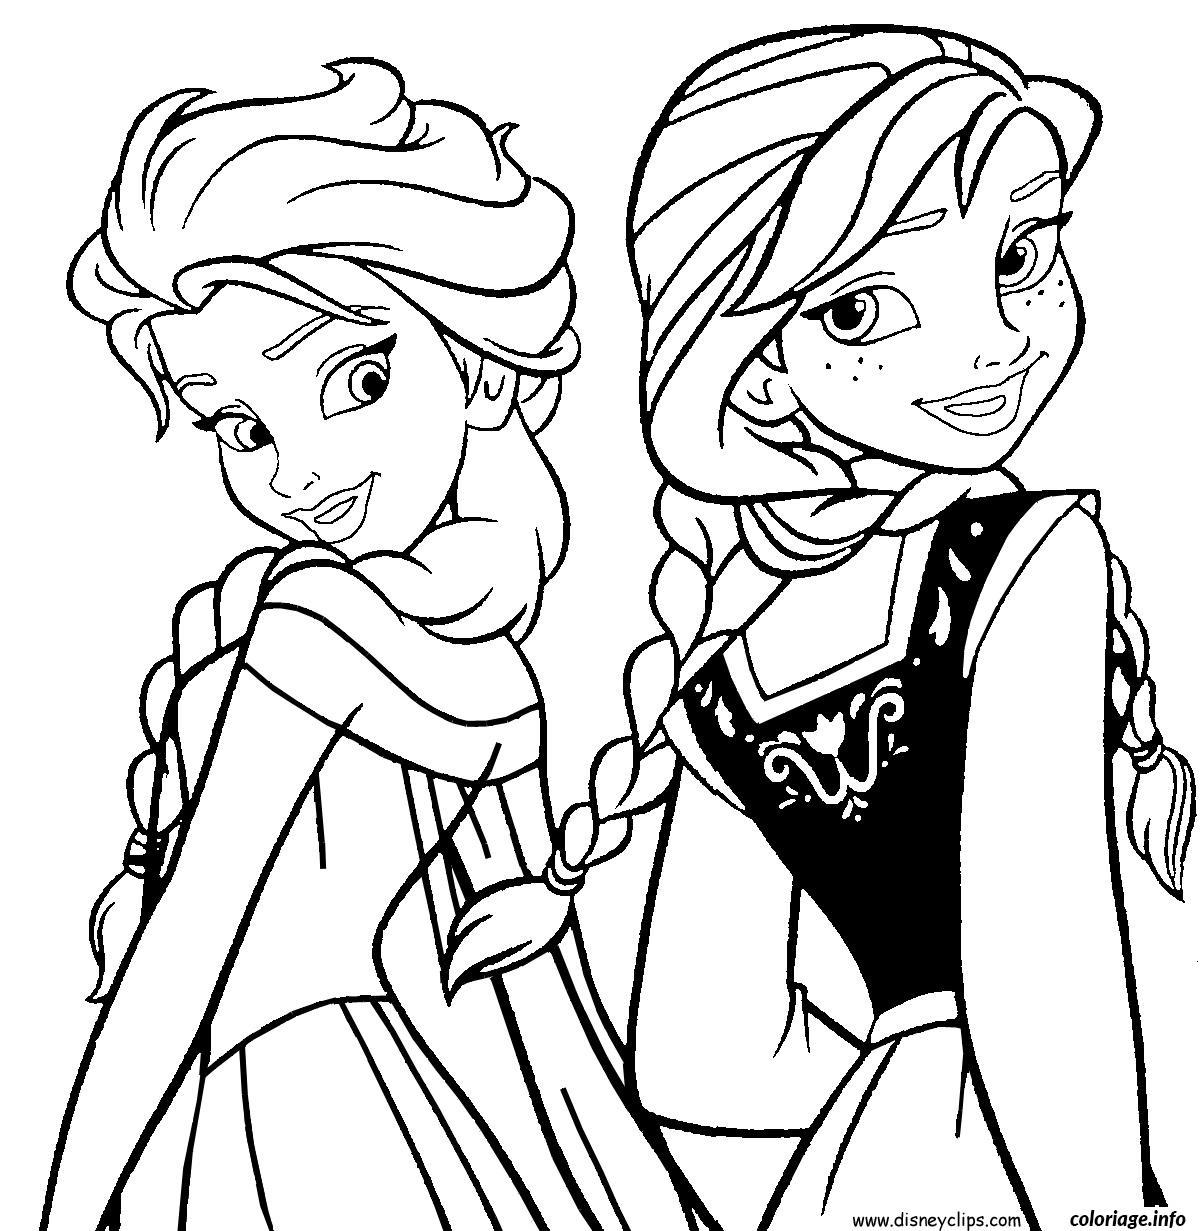 Dessin Elsa et Anna Reine des neiges Coloriage Gratuit à Imprimer